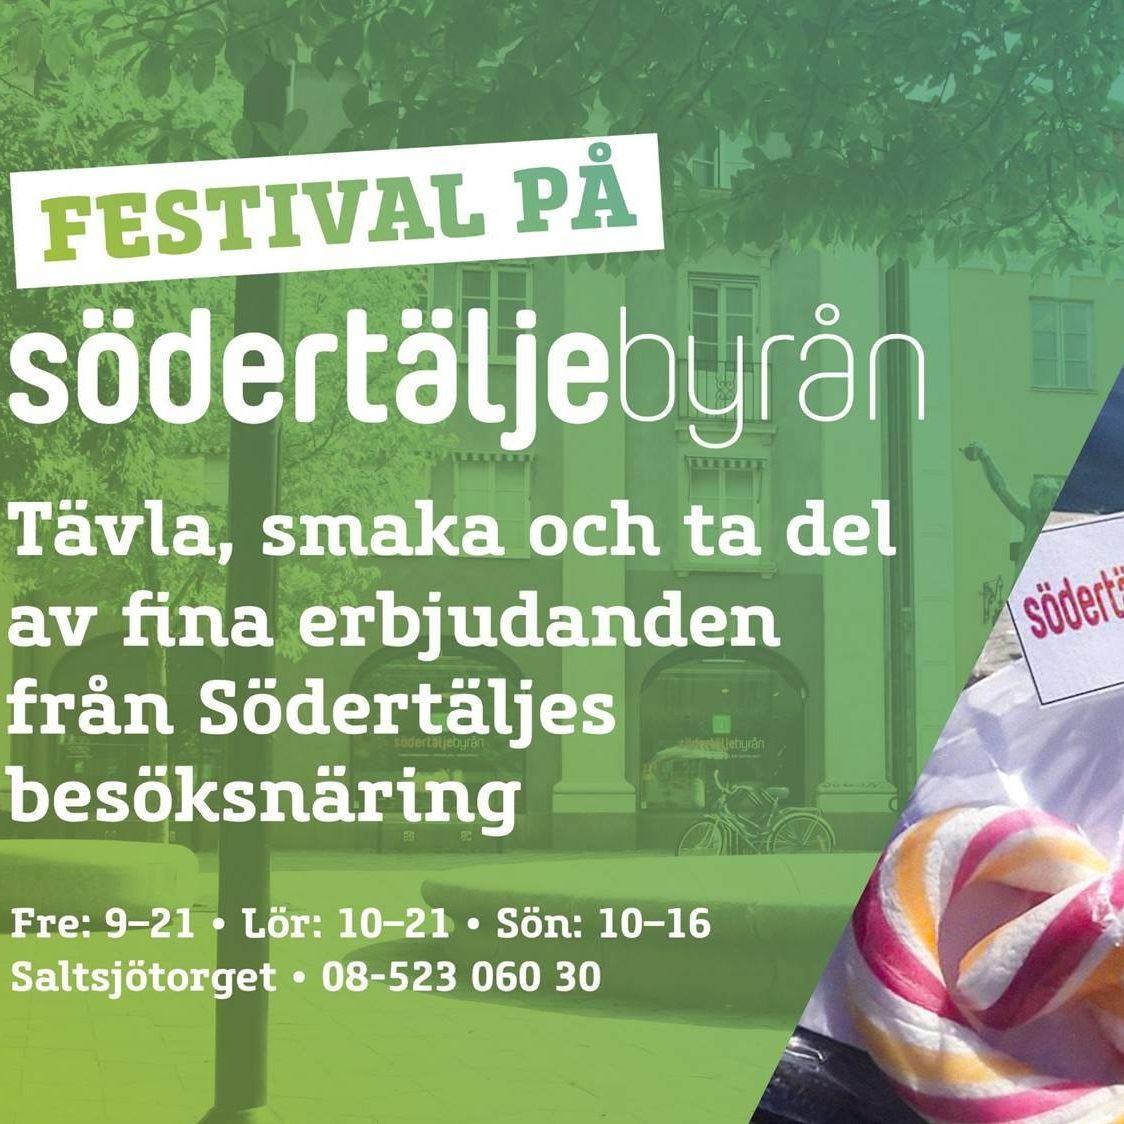 Festival på Södertäljebyrån